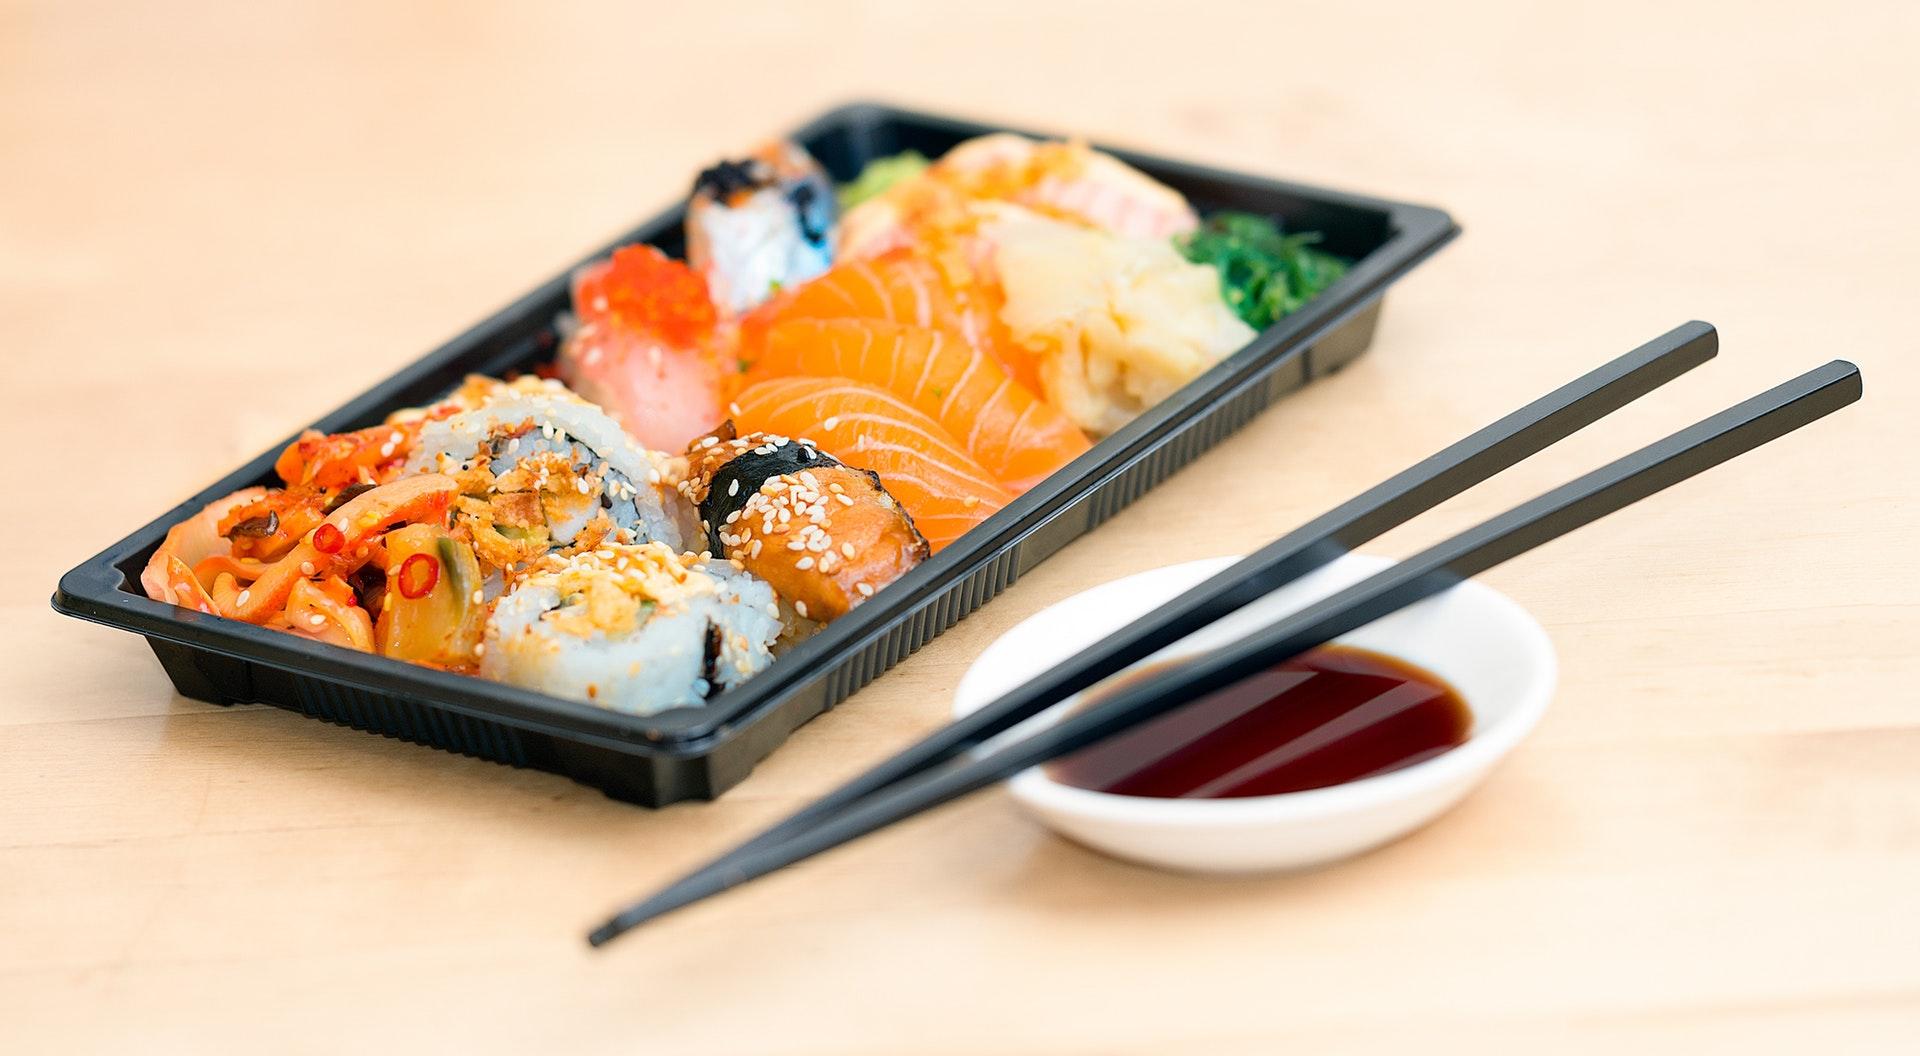 Top 3 Places To Find Halal Food In Tokyo Halalgo Com